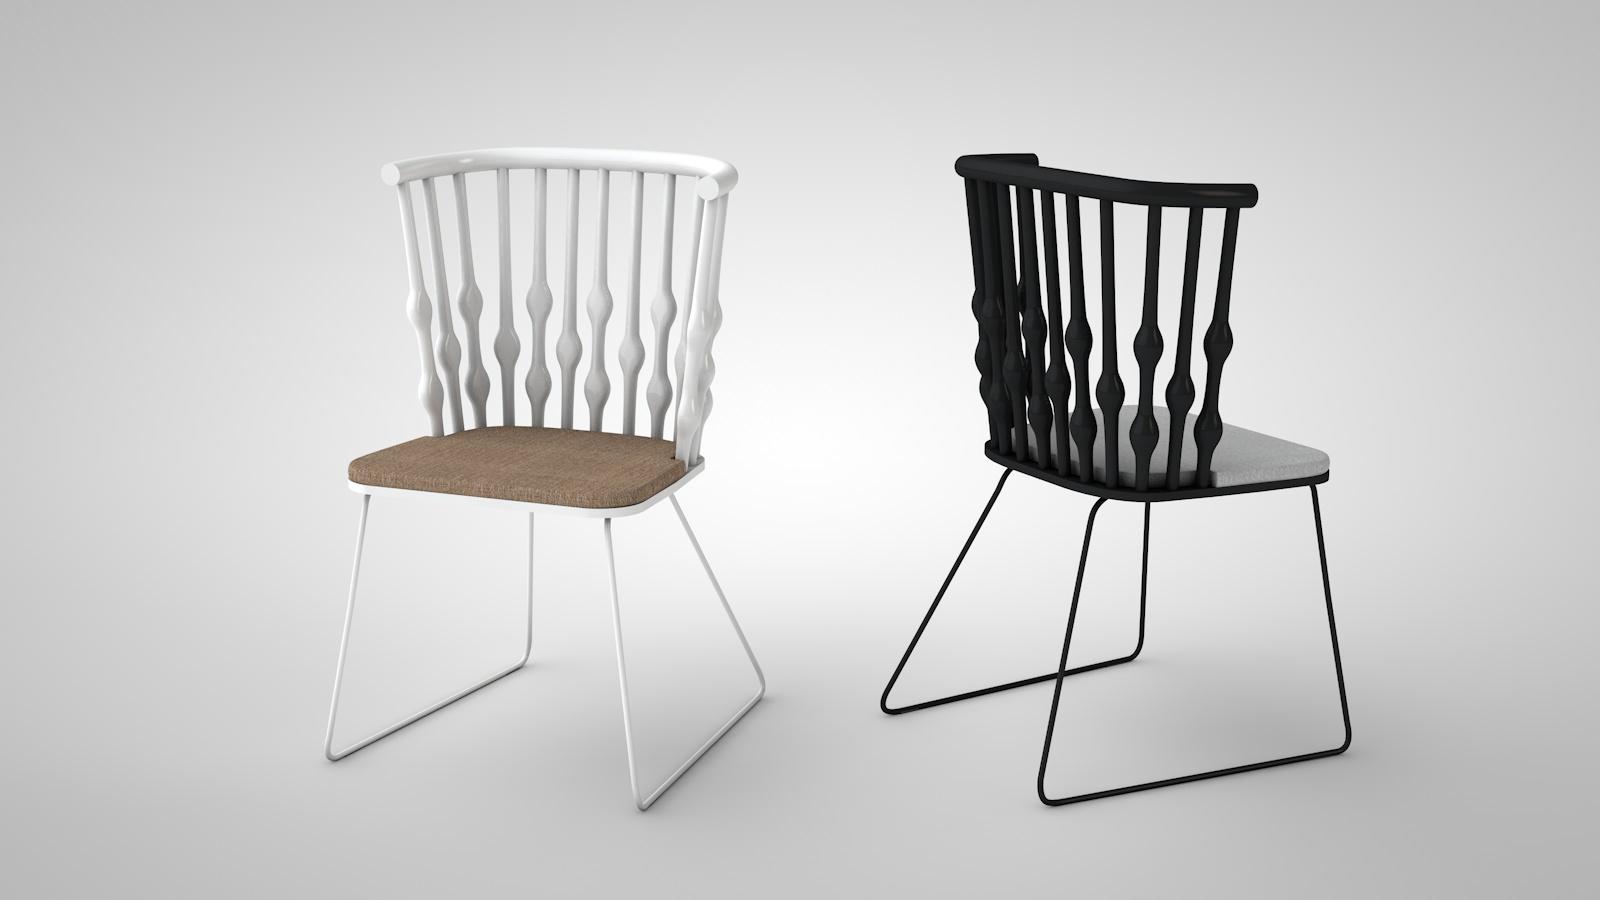 Spanische Möbel | Grafikdesign und 3D-Visualisierungen – nielsfaassen